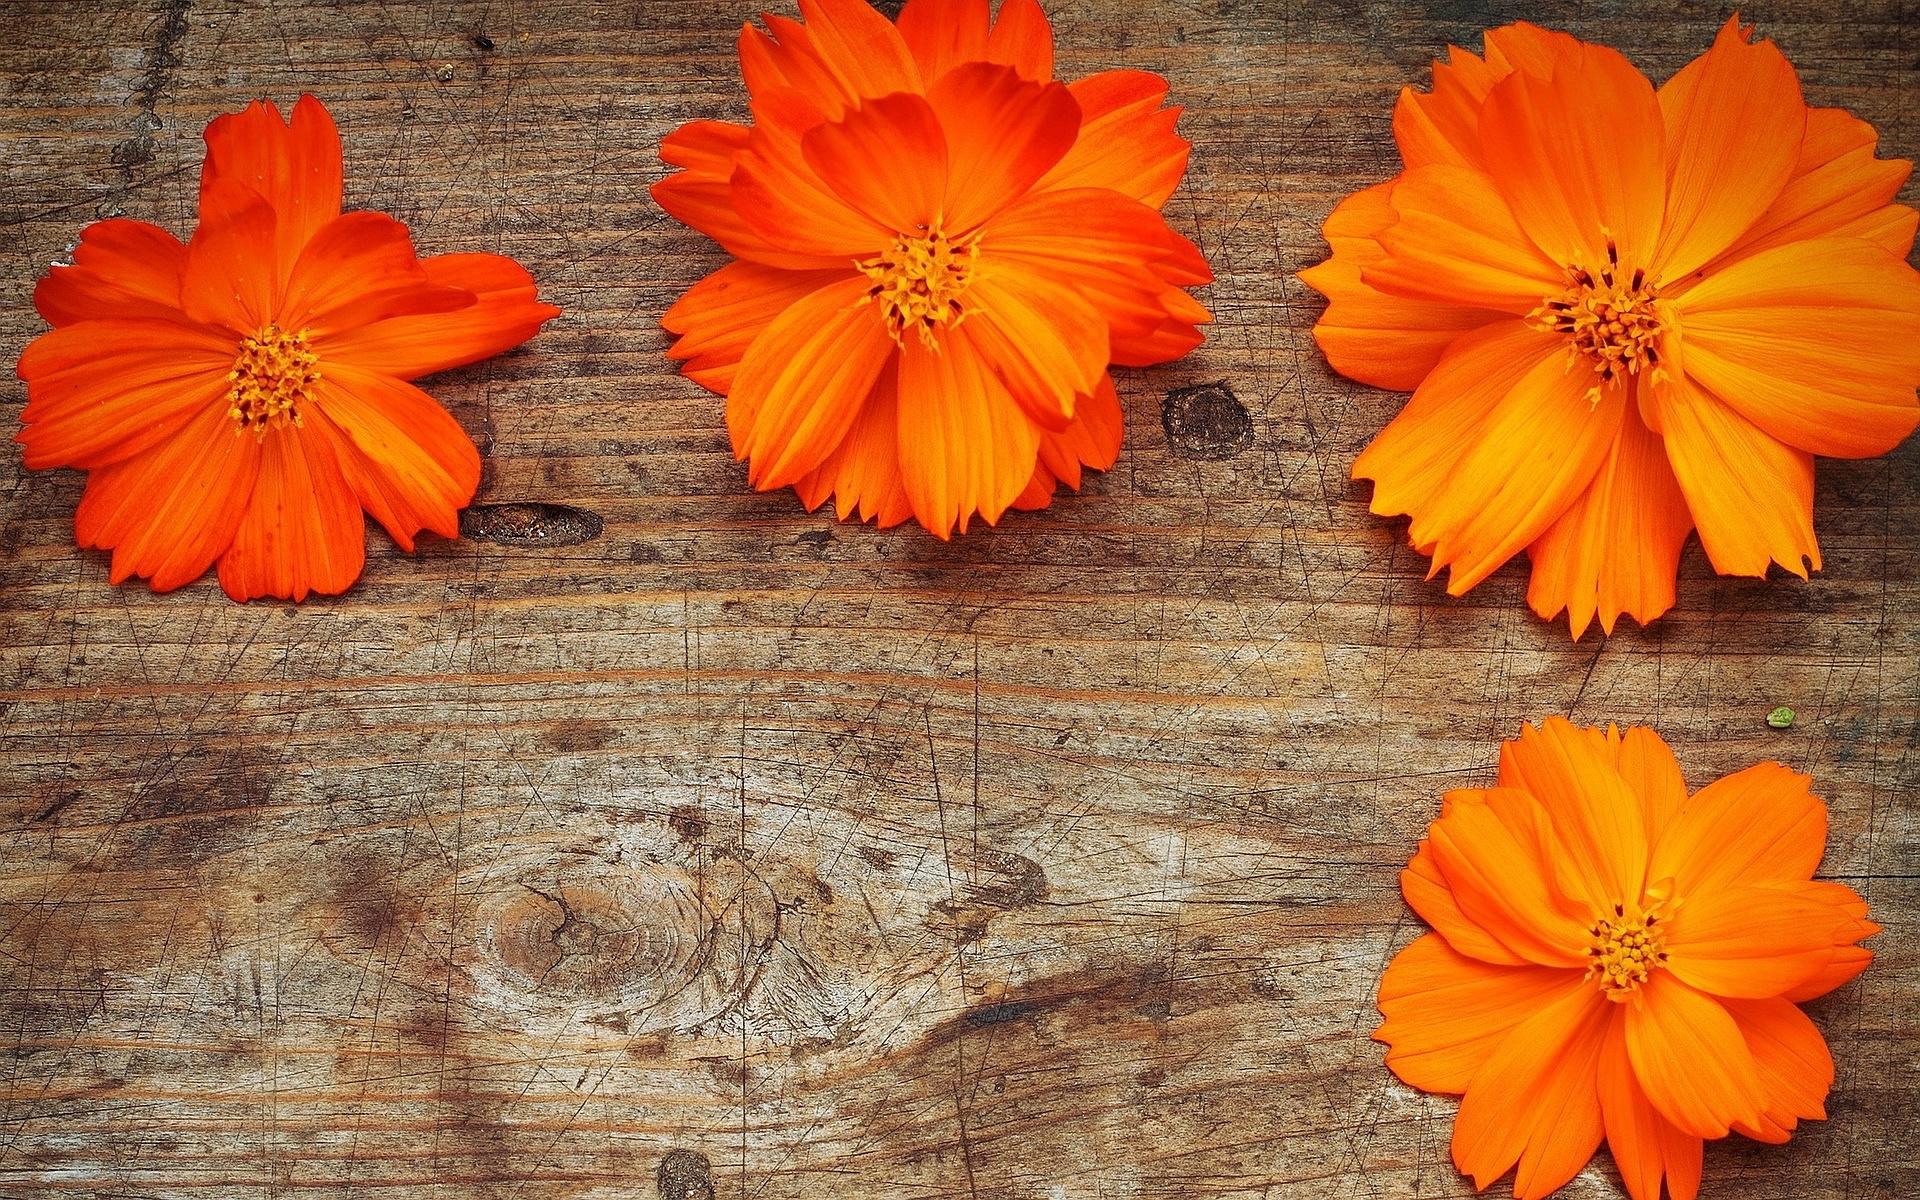 Orange Flowers Wood Wallpaper HD Wallpaper Girls 429 1920x1200